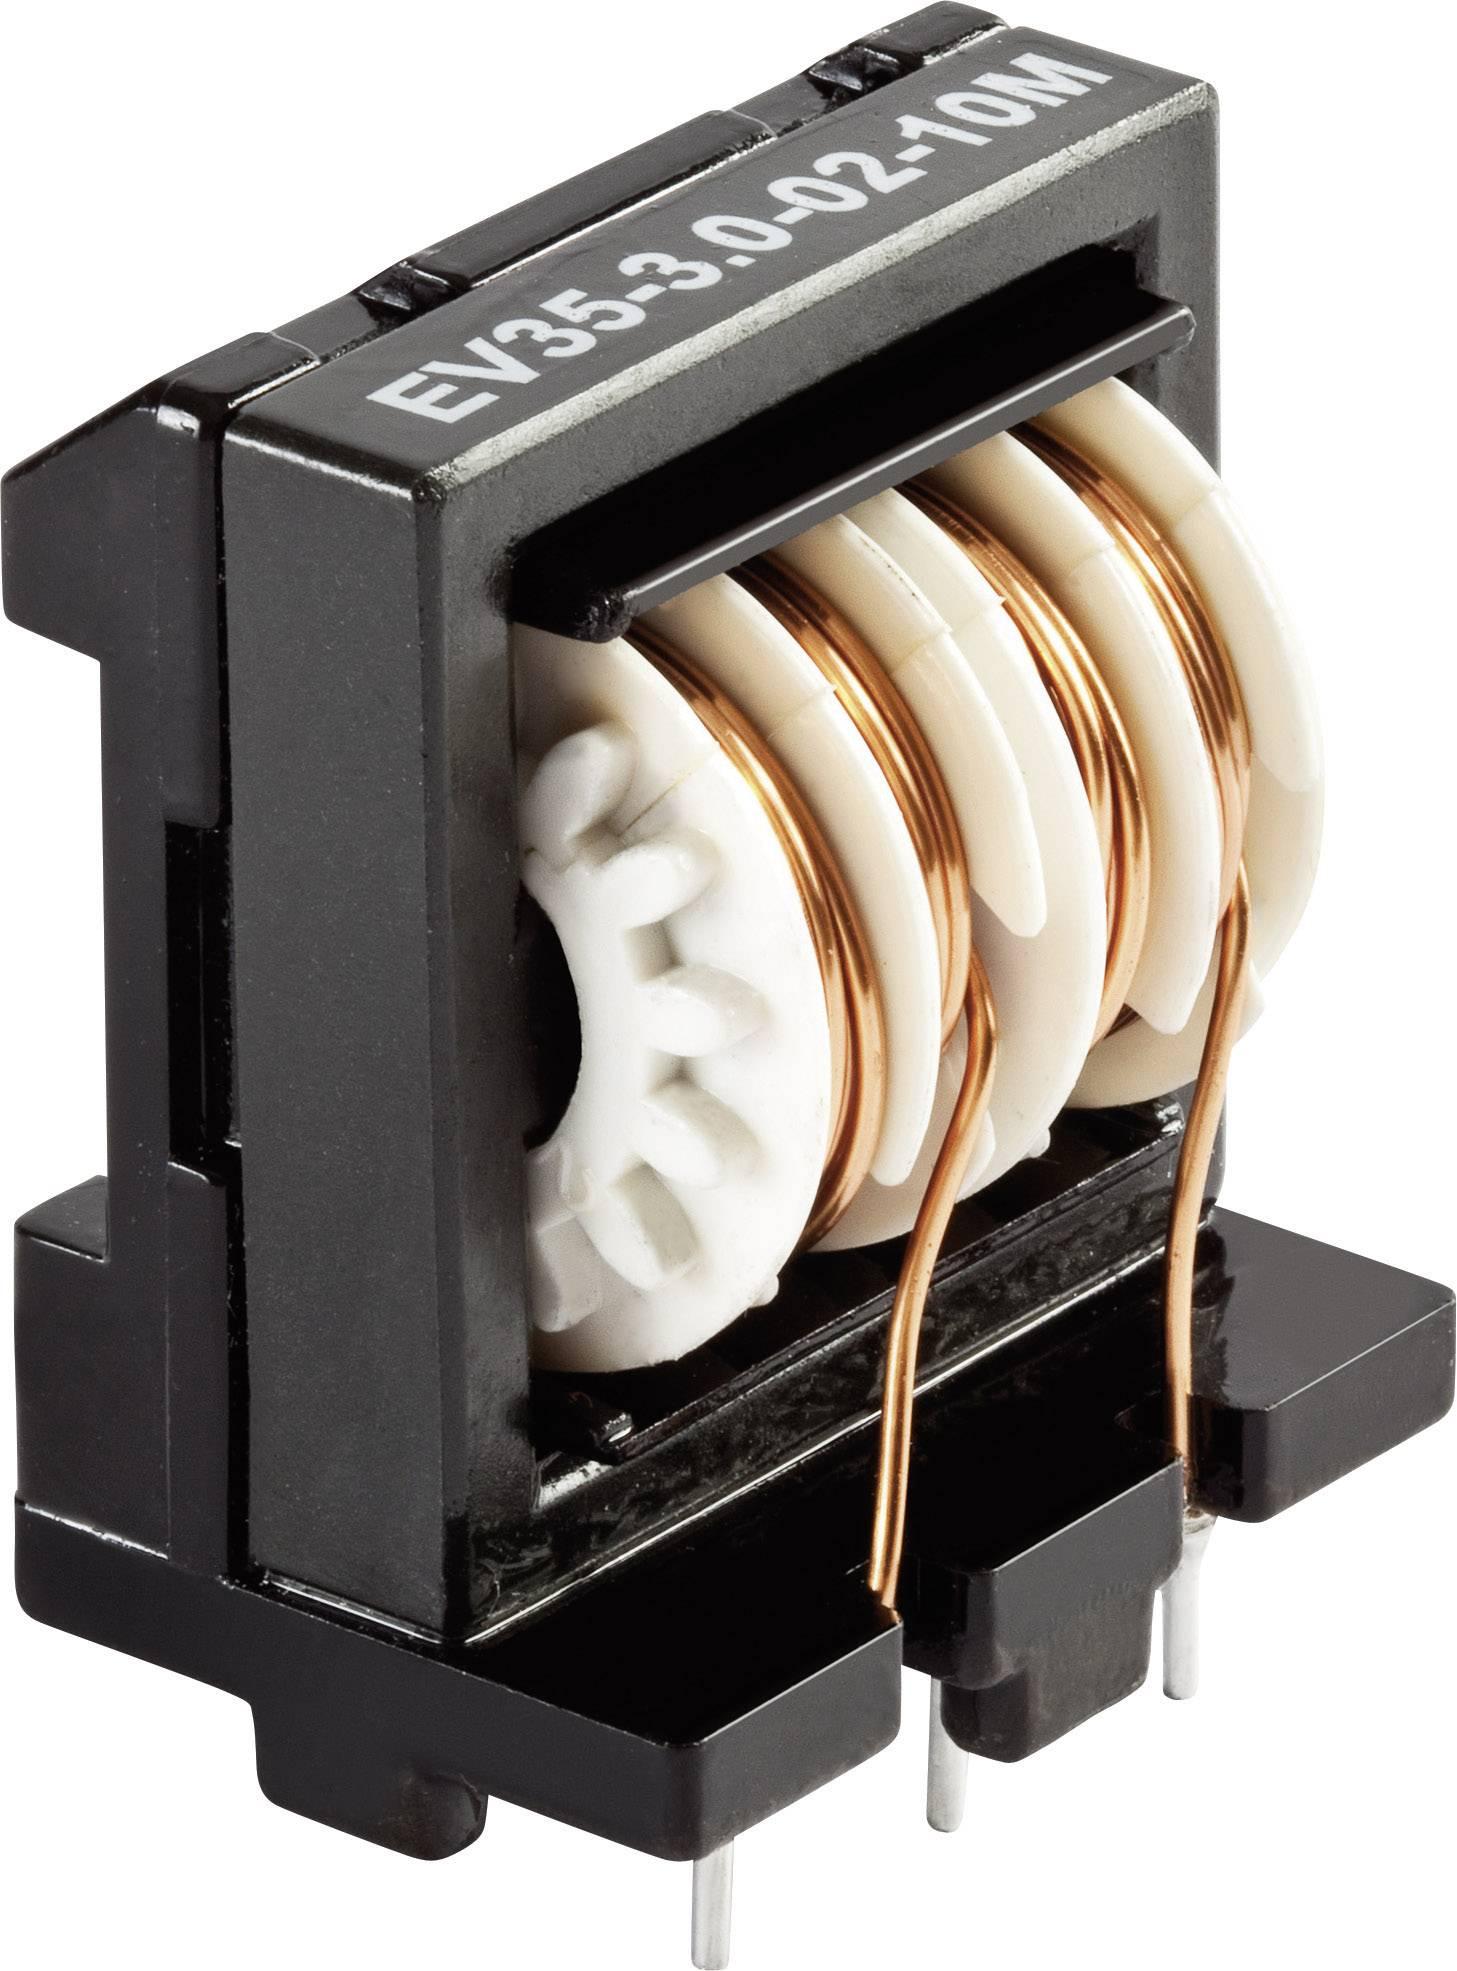 Odrušovací filter Schaffner EV24-4,0-02-0M5 EV24-4,0-02-0M5, 250 V/AC, 4 A, 0.5 mH, (d x š x v) 24.6 x 17.4 x 29.1 mm, 1 ks